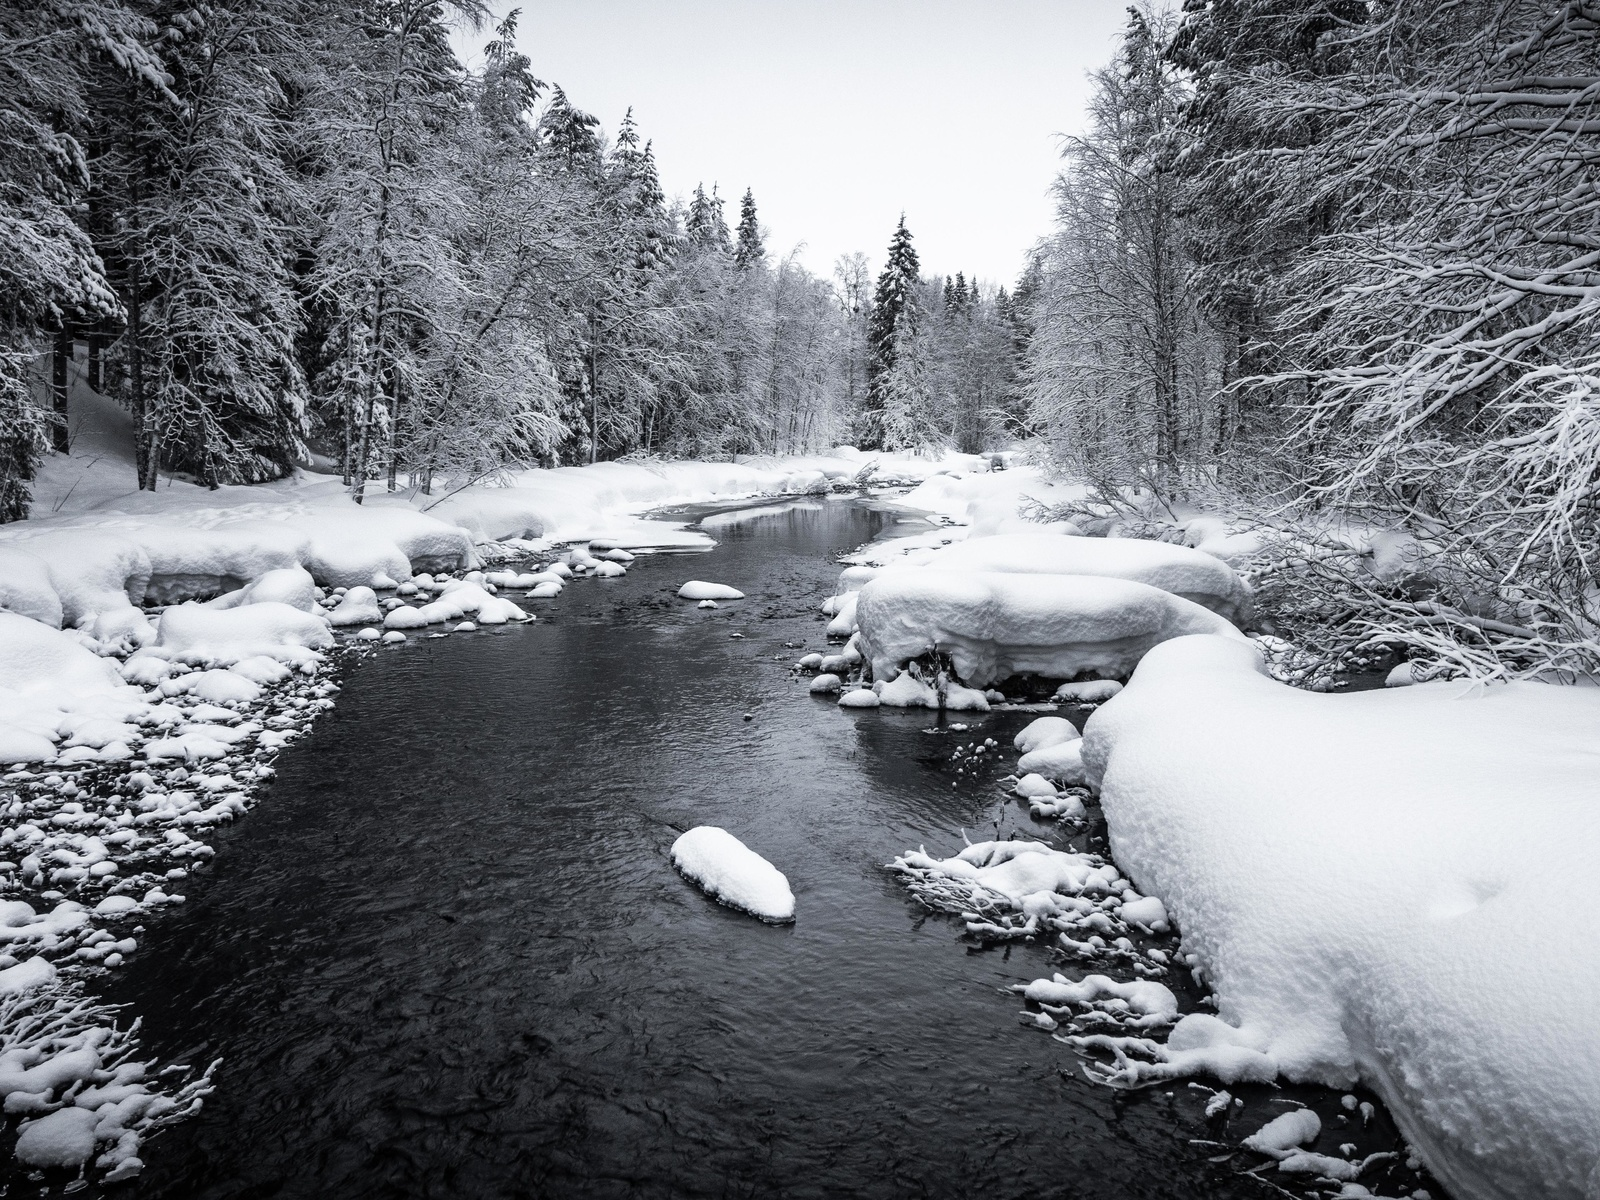 снег, река, лес, деревья